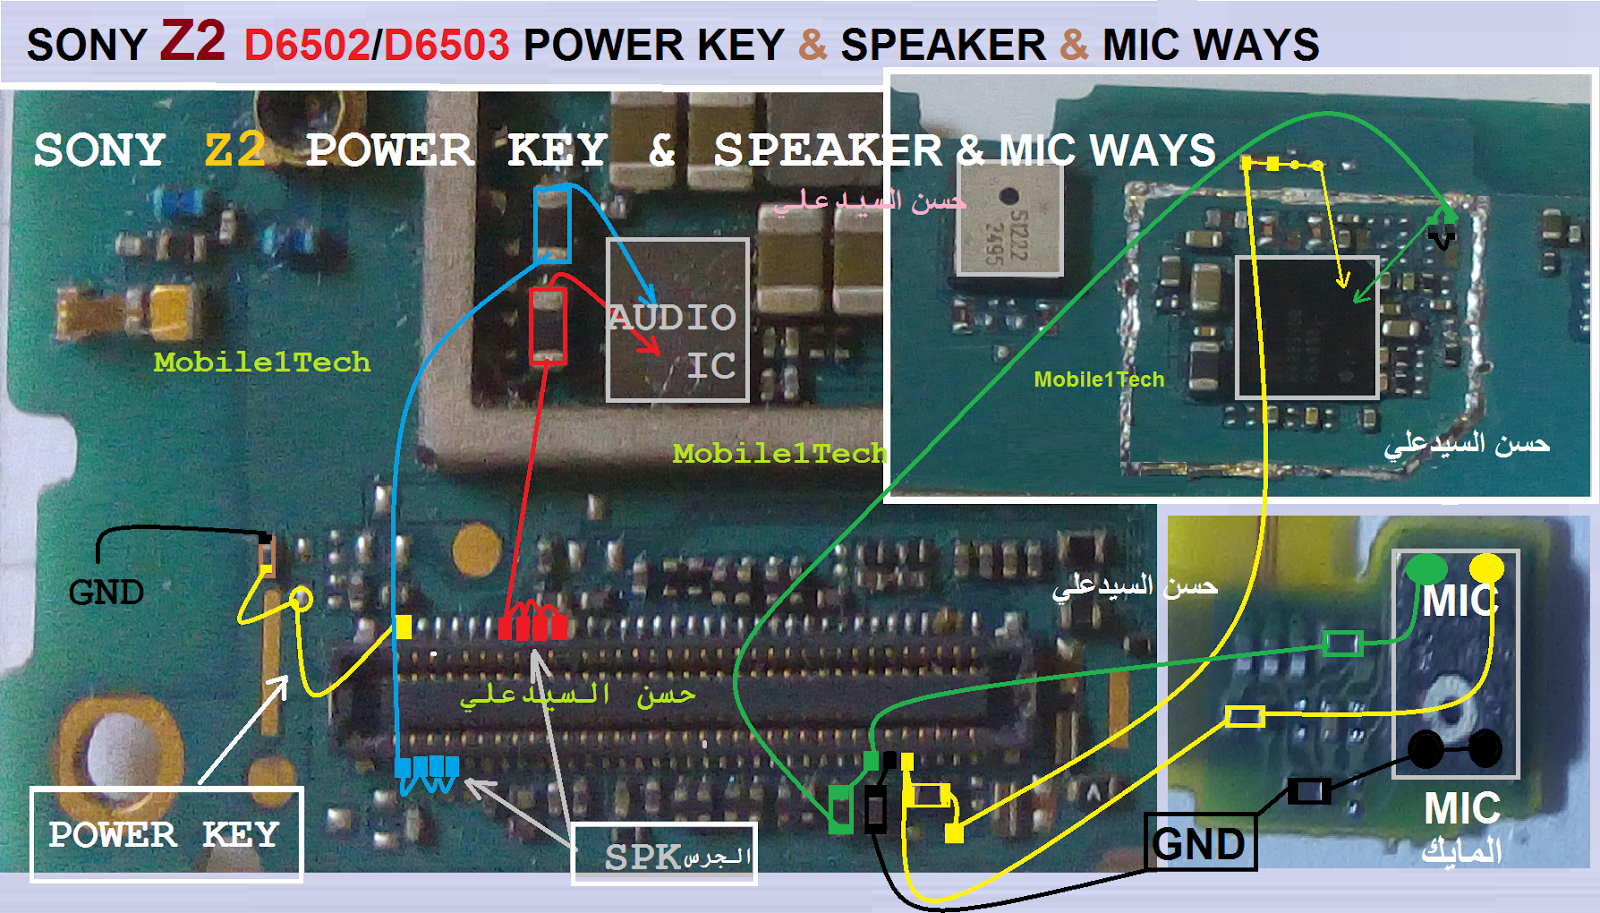 Sony Z2 Power Key  U0026 Speaker  U0026 Mic Ways